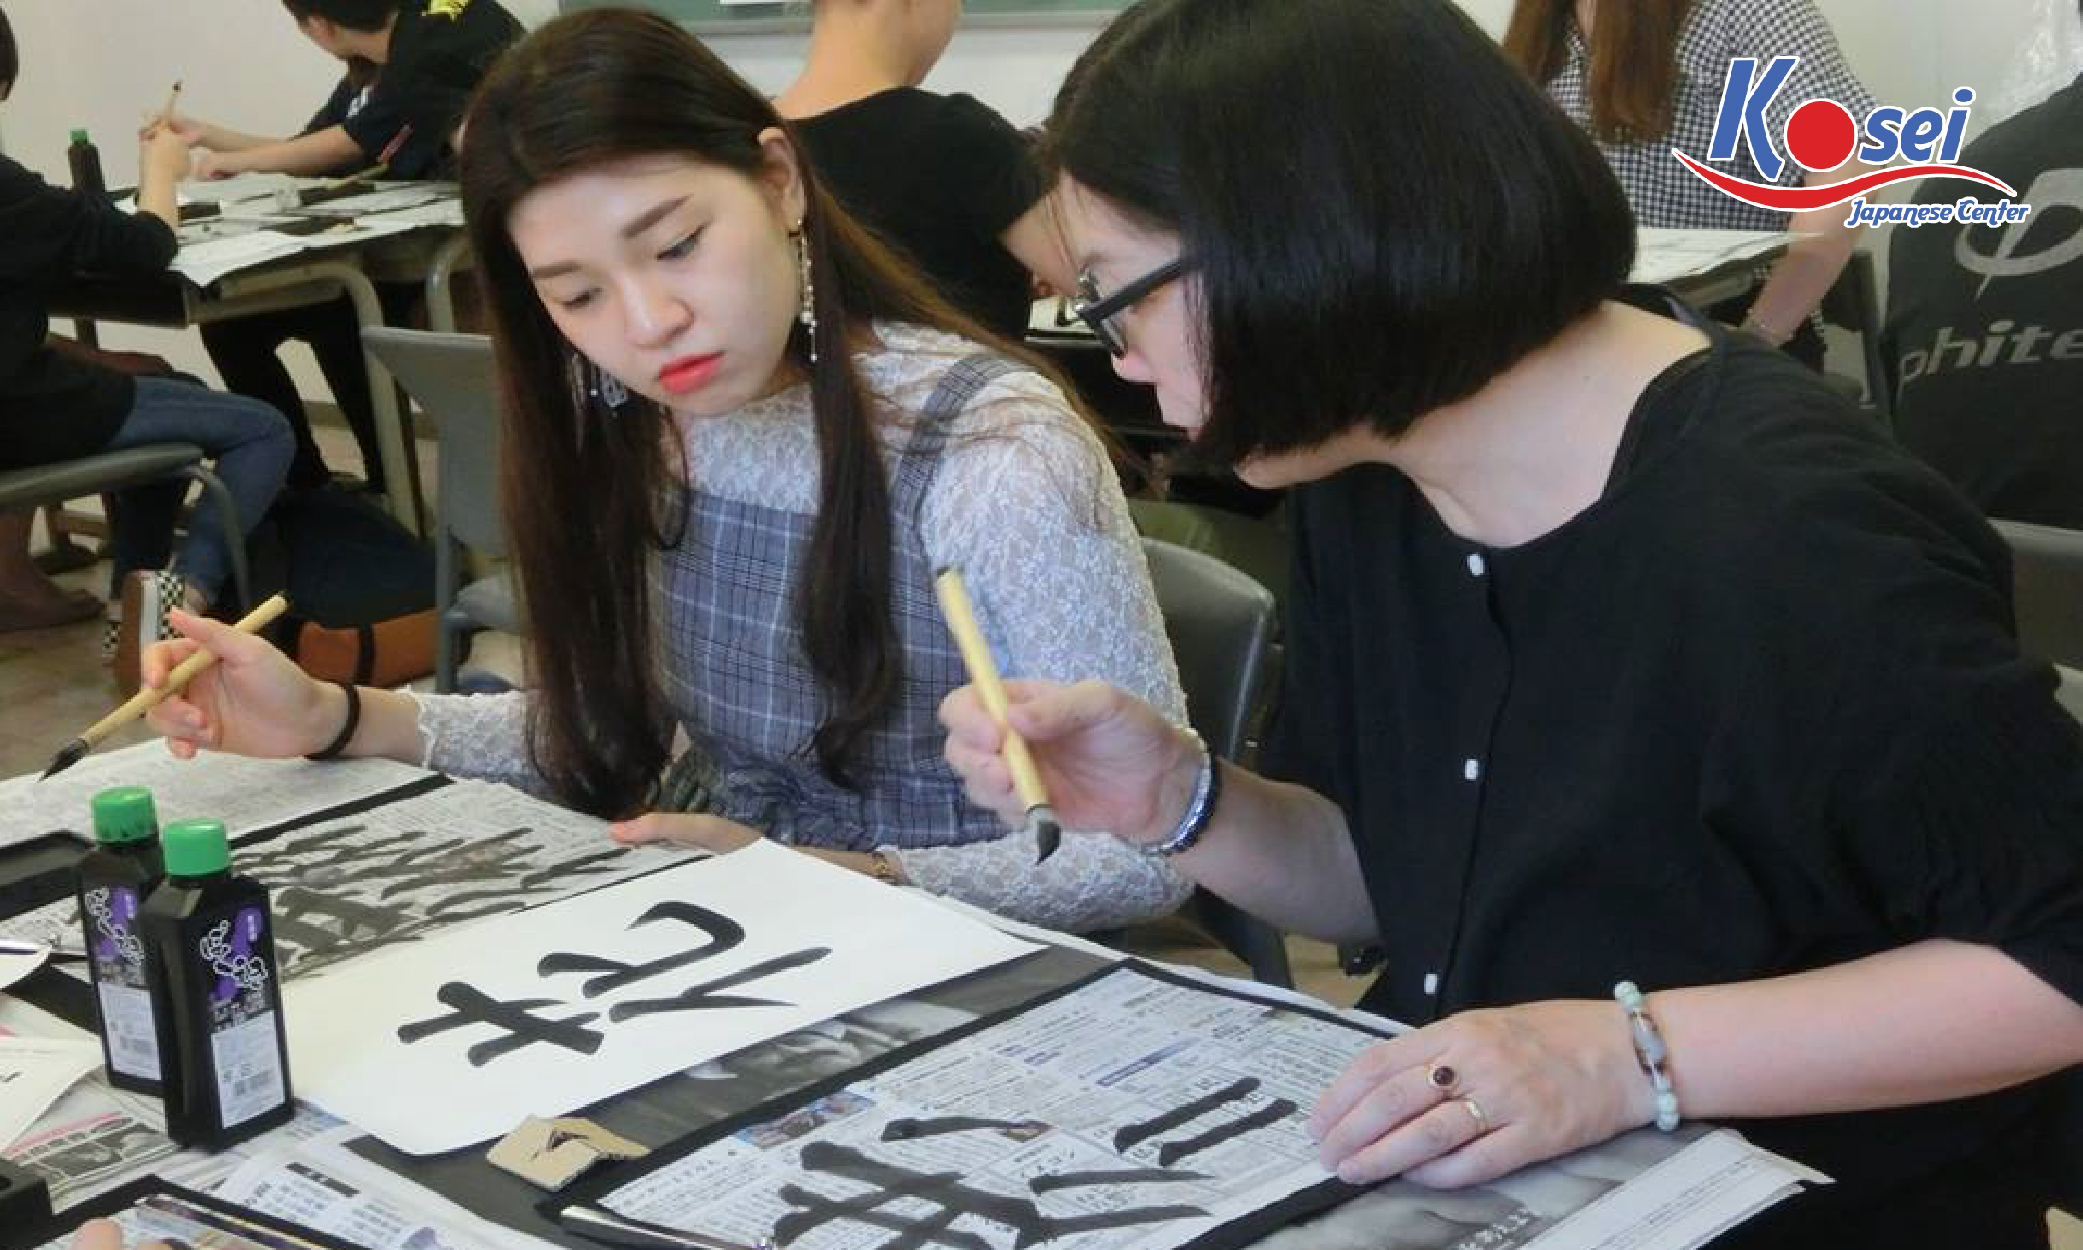 Trường Nhật ngữ NỔI TIẾNG tại Nhật Bản - Sapporo - Cơ hội cho du học sinh Việt Nam